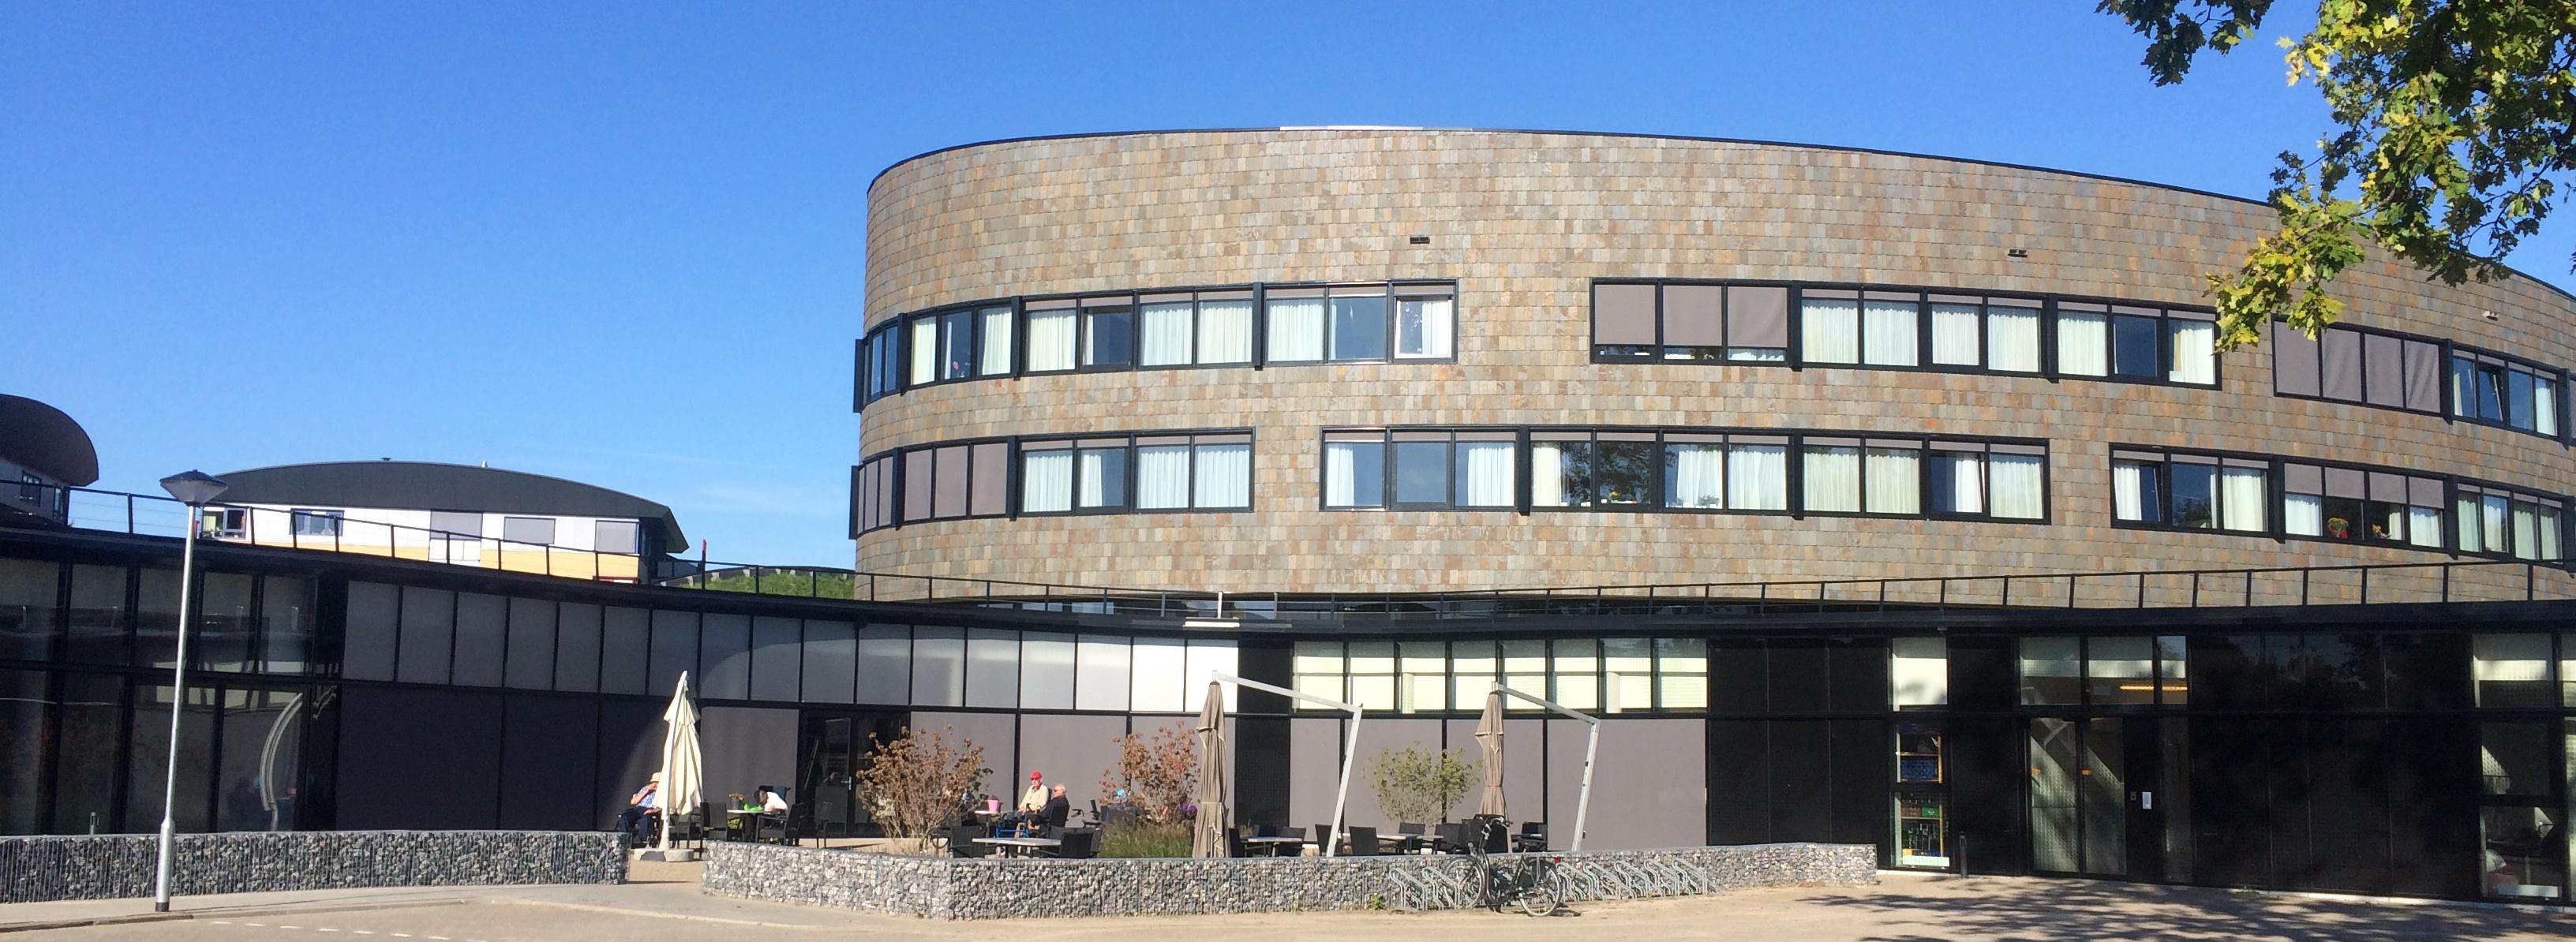 20151027-woonzorgcentrum-de-pol-nijkerk